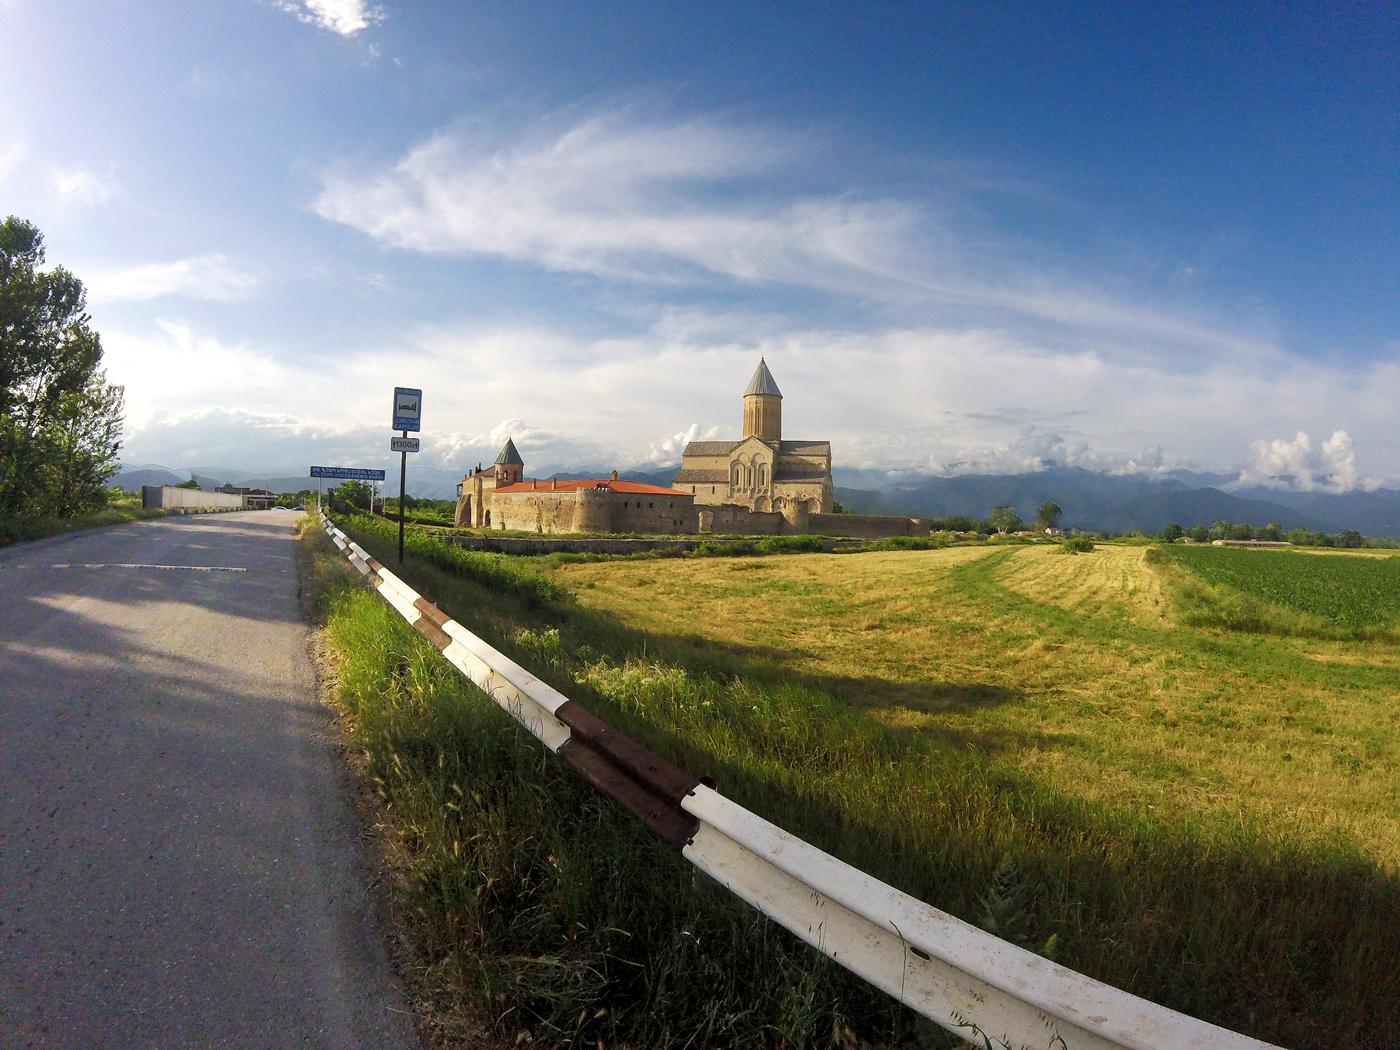 Voyage à vélo, la Géorgie à vélo, monastère d'Alaverdi. Travel by bike, cycling Georgia, Alaverdi monastery.